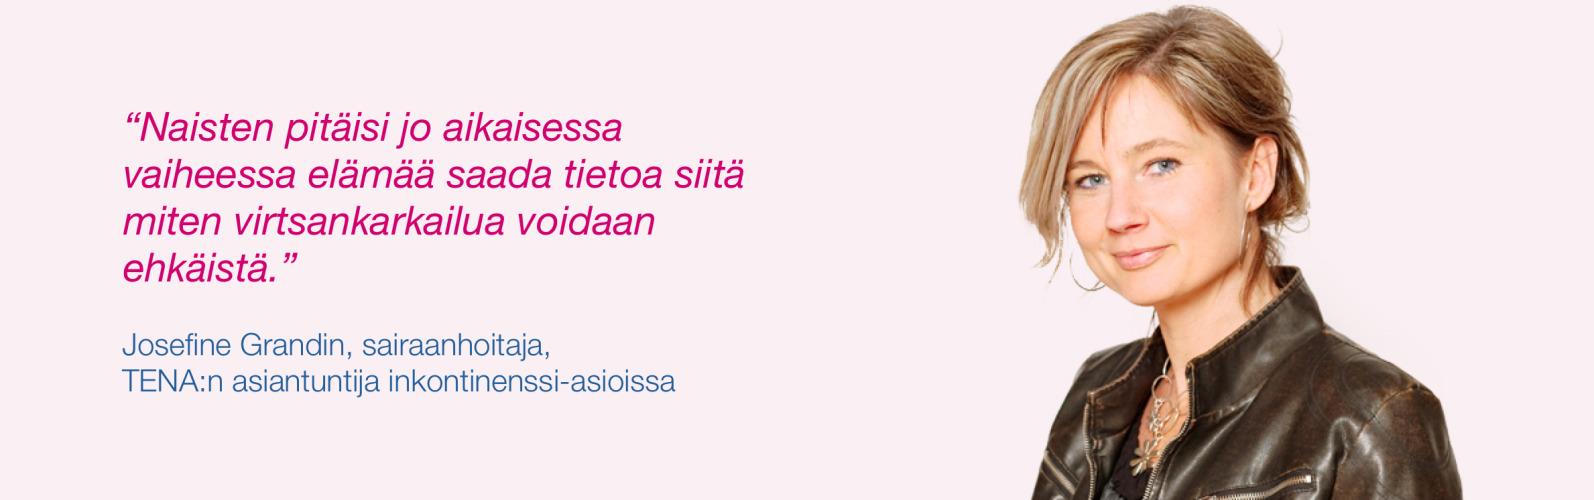 Josefine Grandin, sairaanhoitaja ja TENA:n inkontinenssin asiantuntija